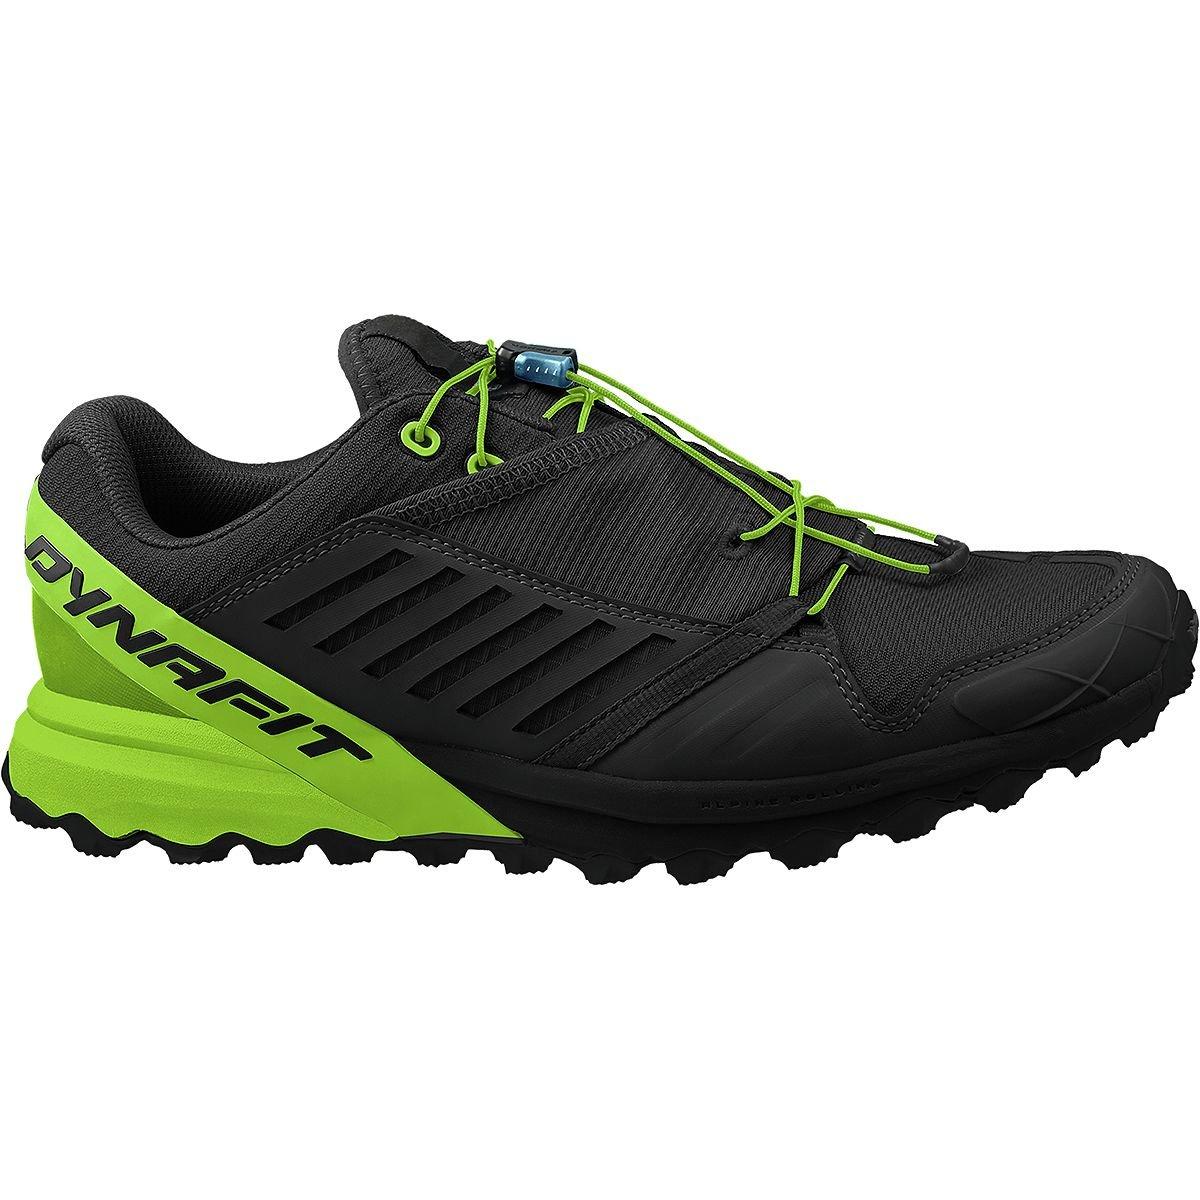 超特価SALE開催! [ダイナフィット] メンズ ランニング Trail Alpine Pro Trail Running Pro Shoe [並行輸入品] Running B07MTB4JR1 8, 大切な:d9223793 --- umniysvet.ru